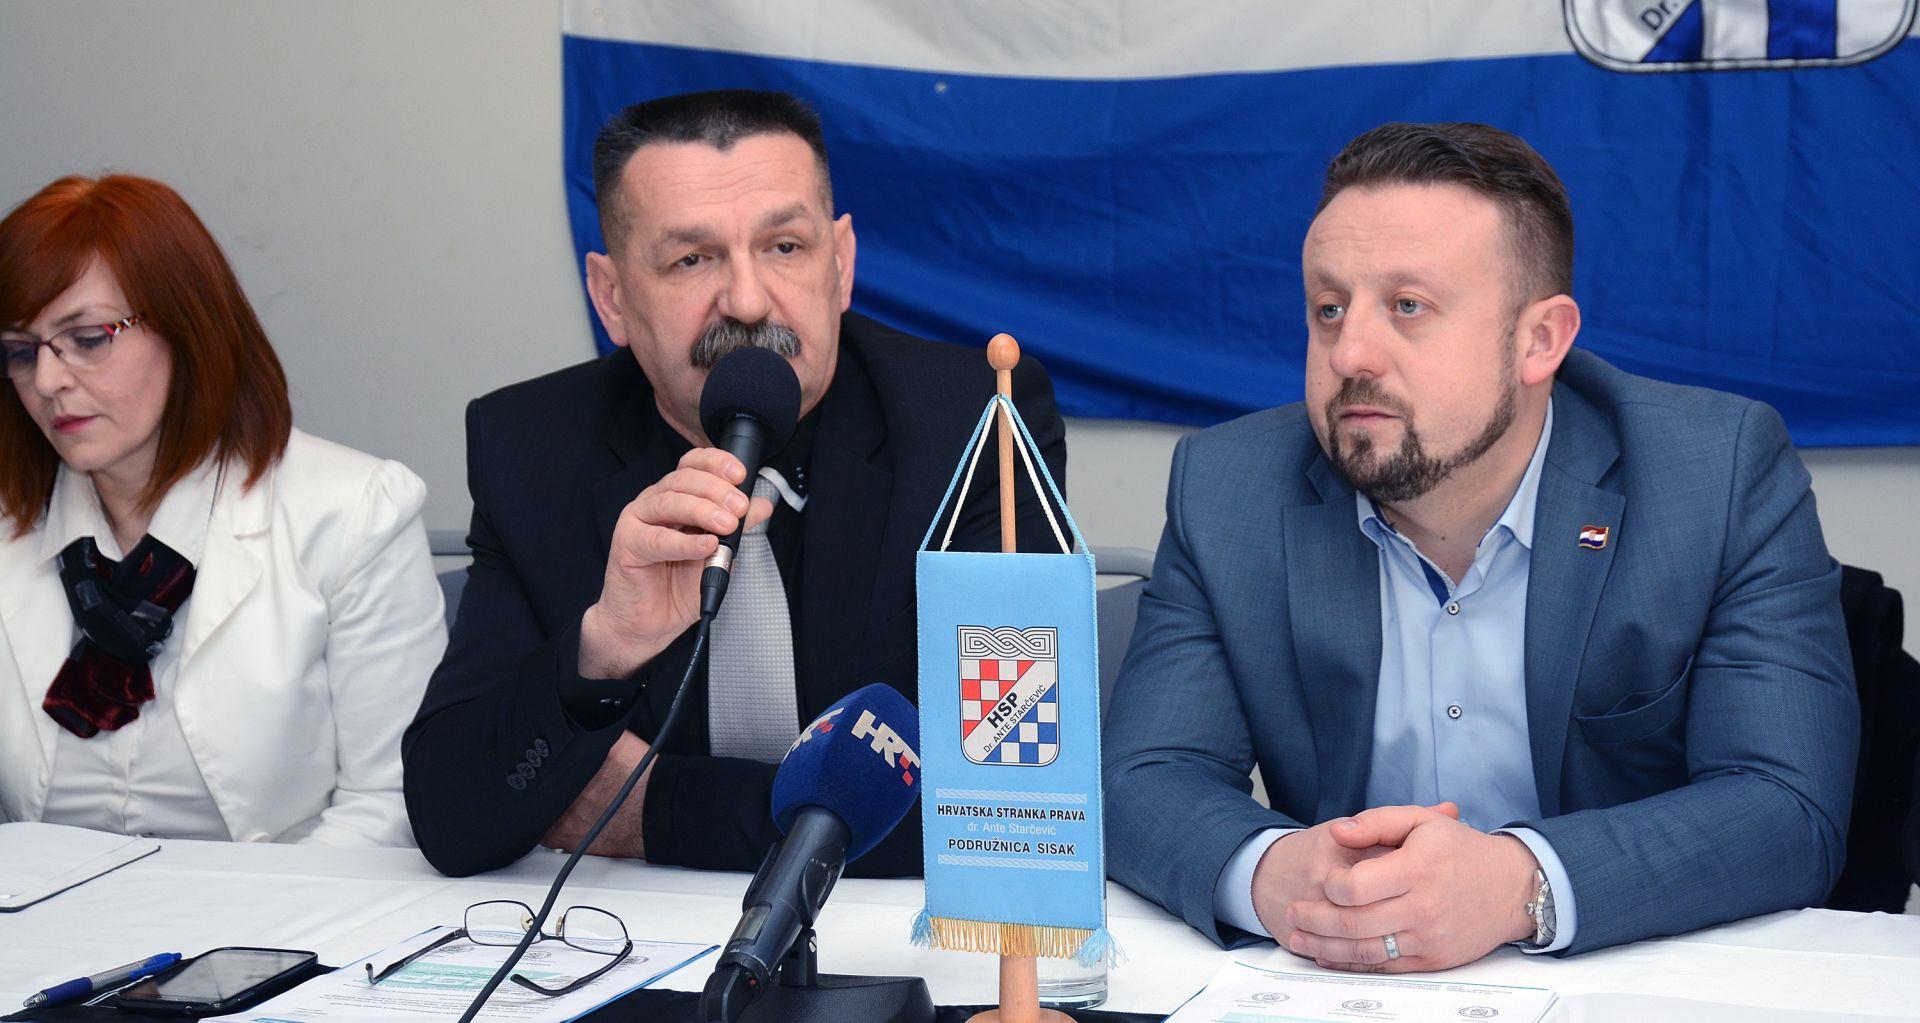 Tepeš: Politikanti uporno nameću 'priče' o povijesnim temama